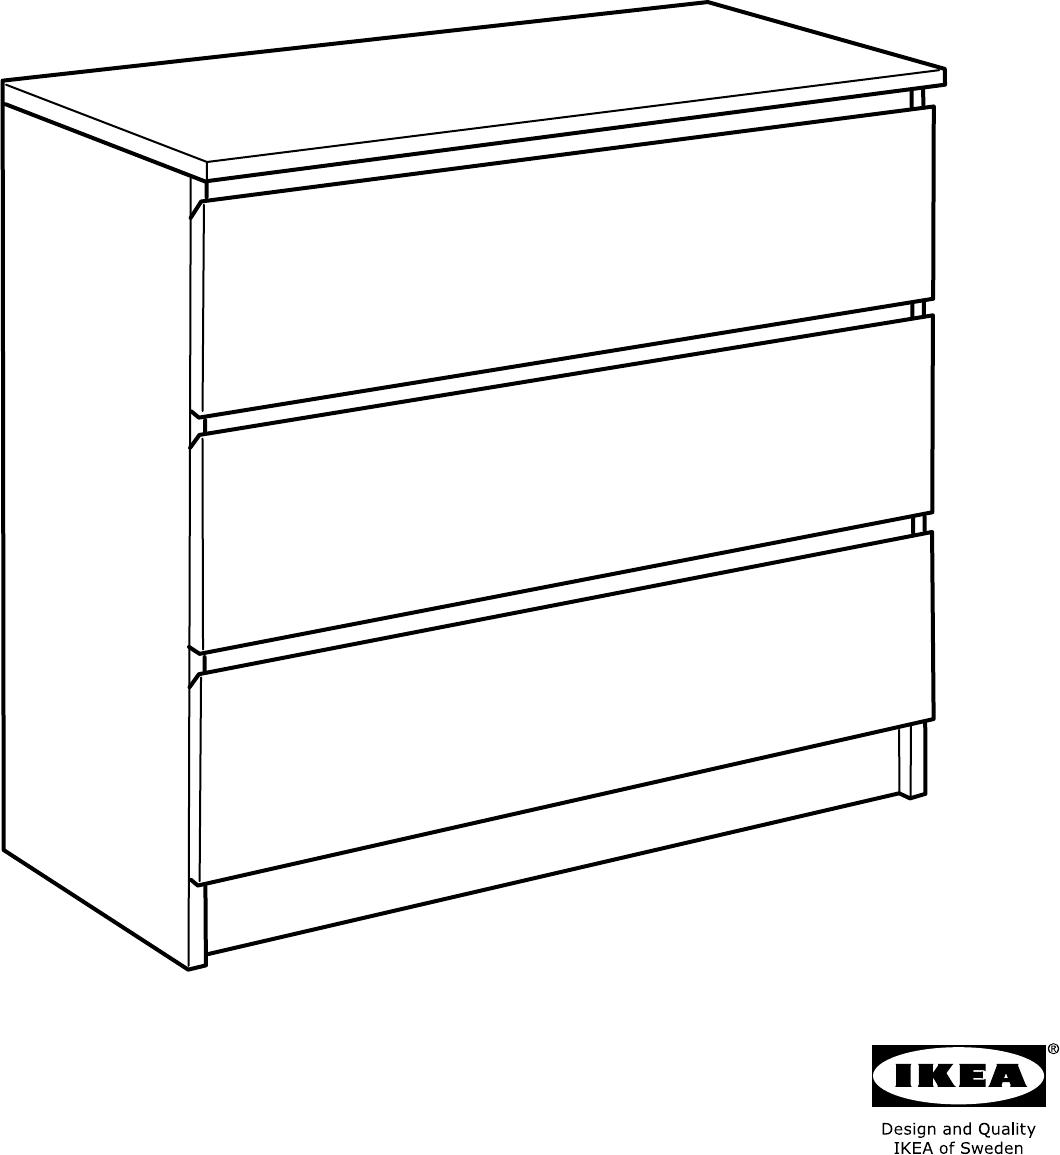 Ikea Malm Ladekast Handleiding.Handleiding Ikea Malm Ladekast 3 Lades Pagina 18 Van 20